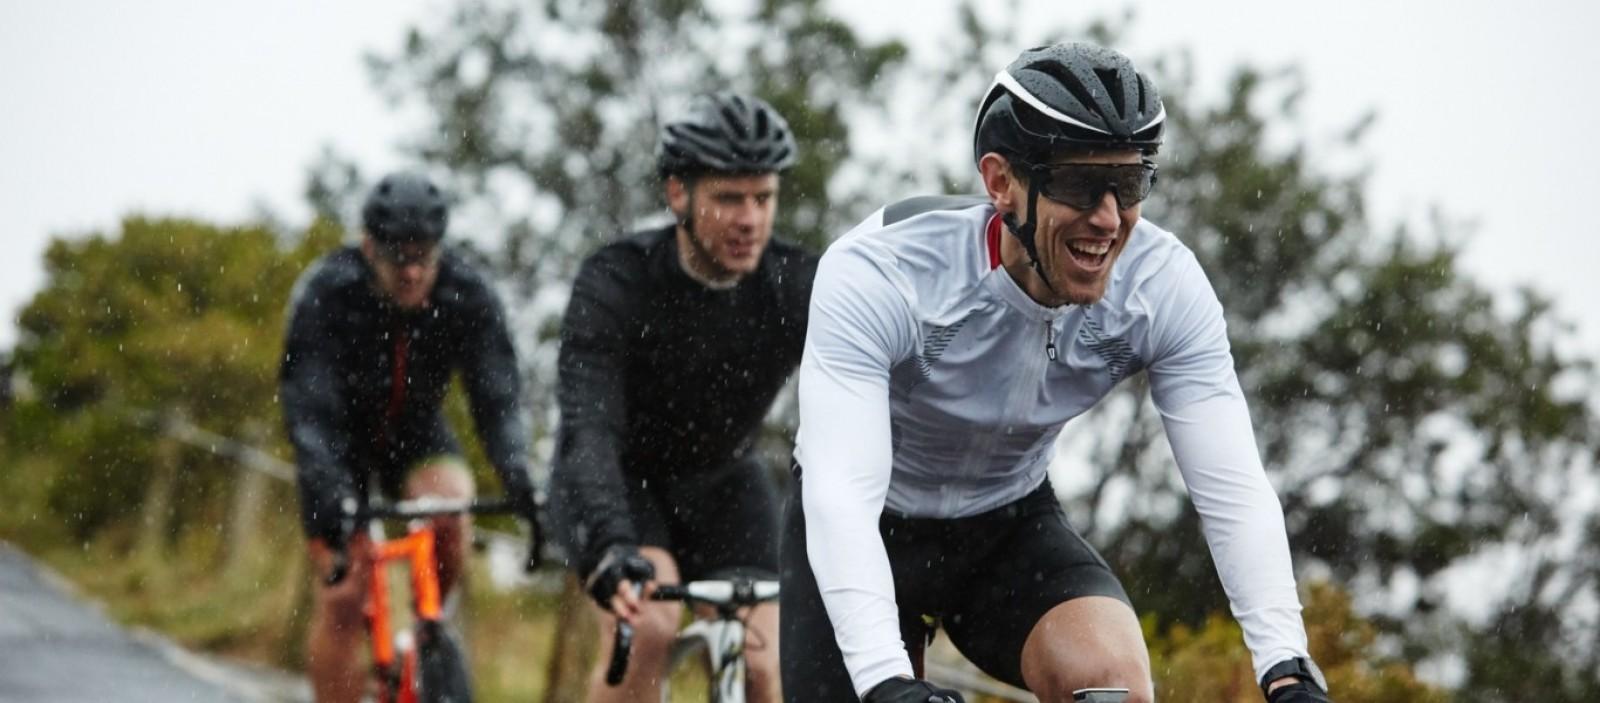 habilidades-mentales-rendimiento-ciclismo/